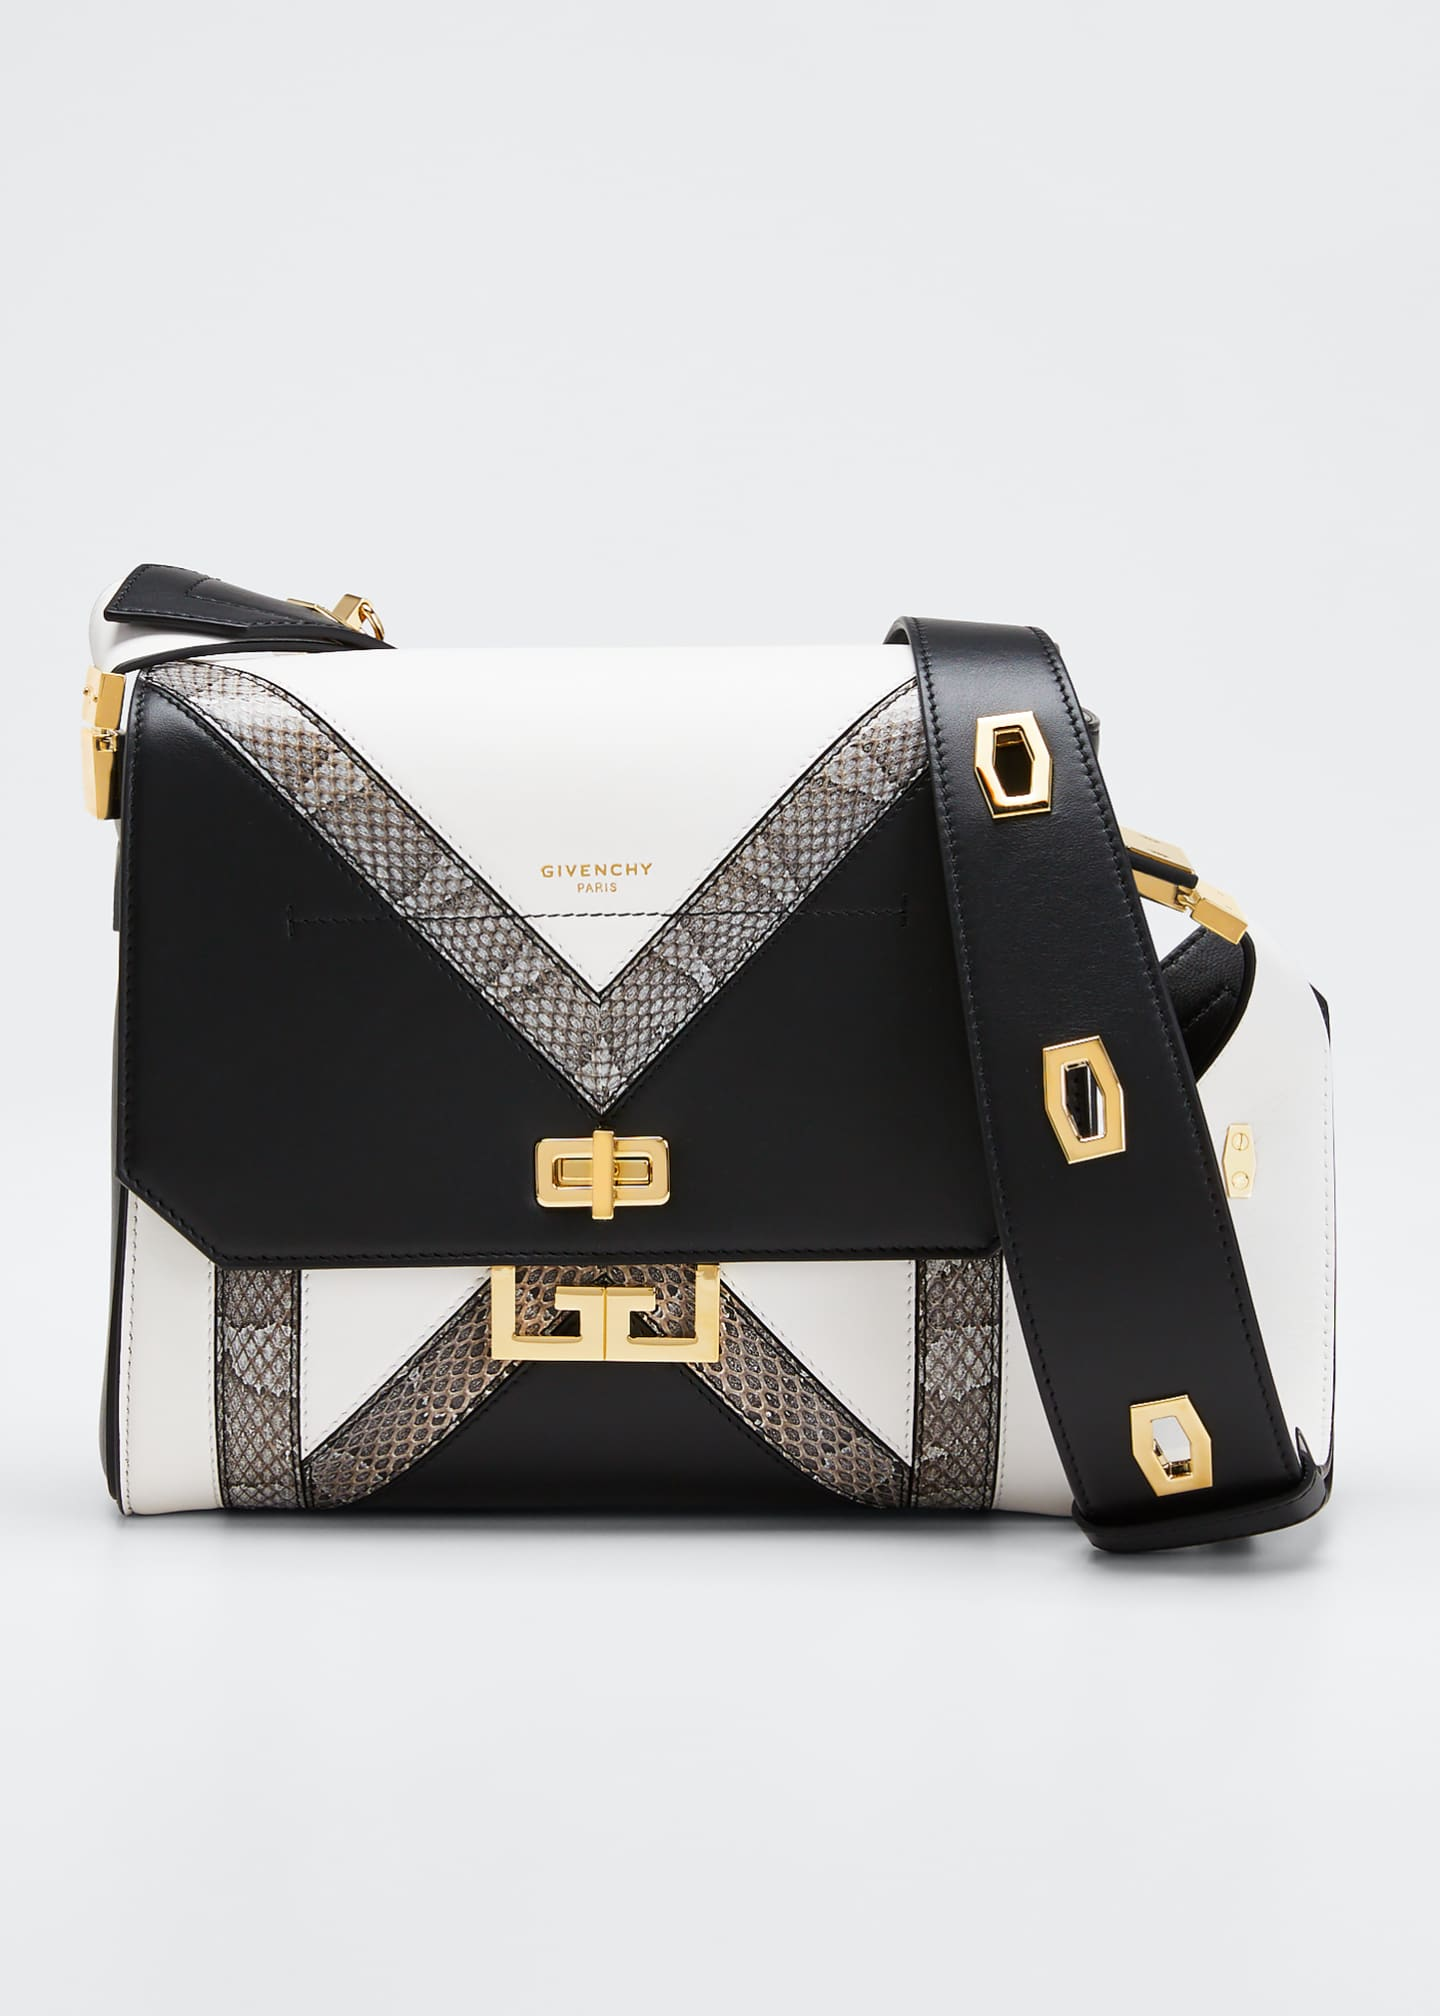 Givenchy Eden Medium Colorblock Snakeskin Shoulder Bag